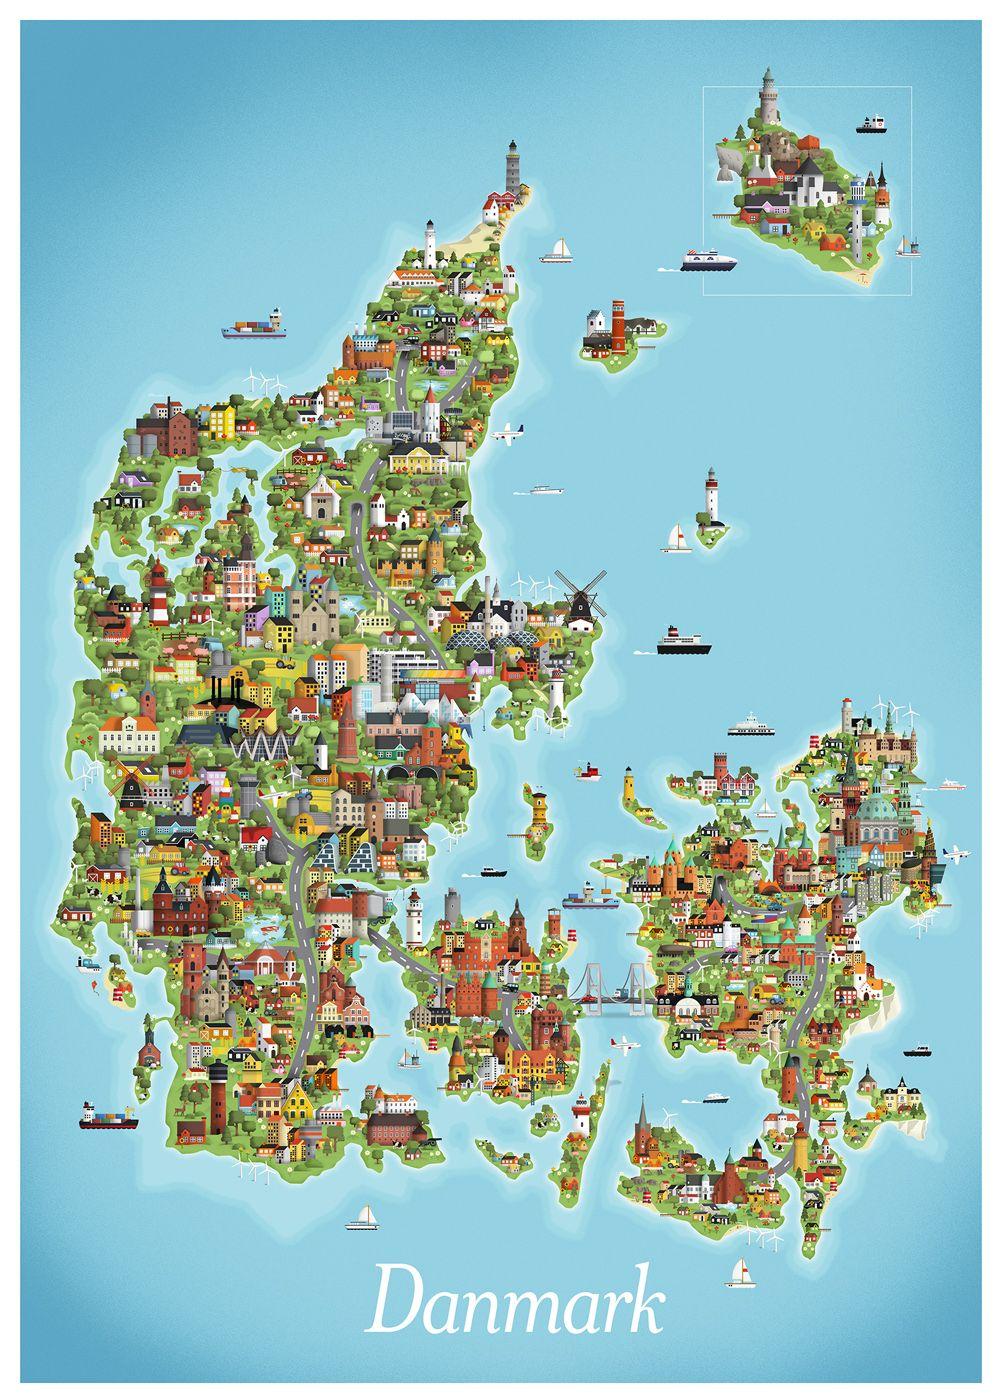 Good To Know Billede Fra Pernille Villadsen I 2020 Plakater